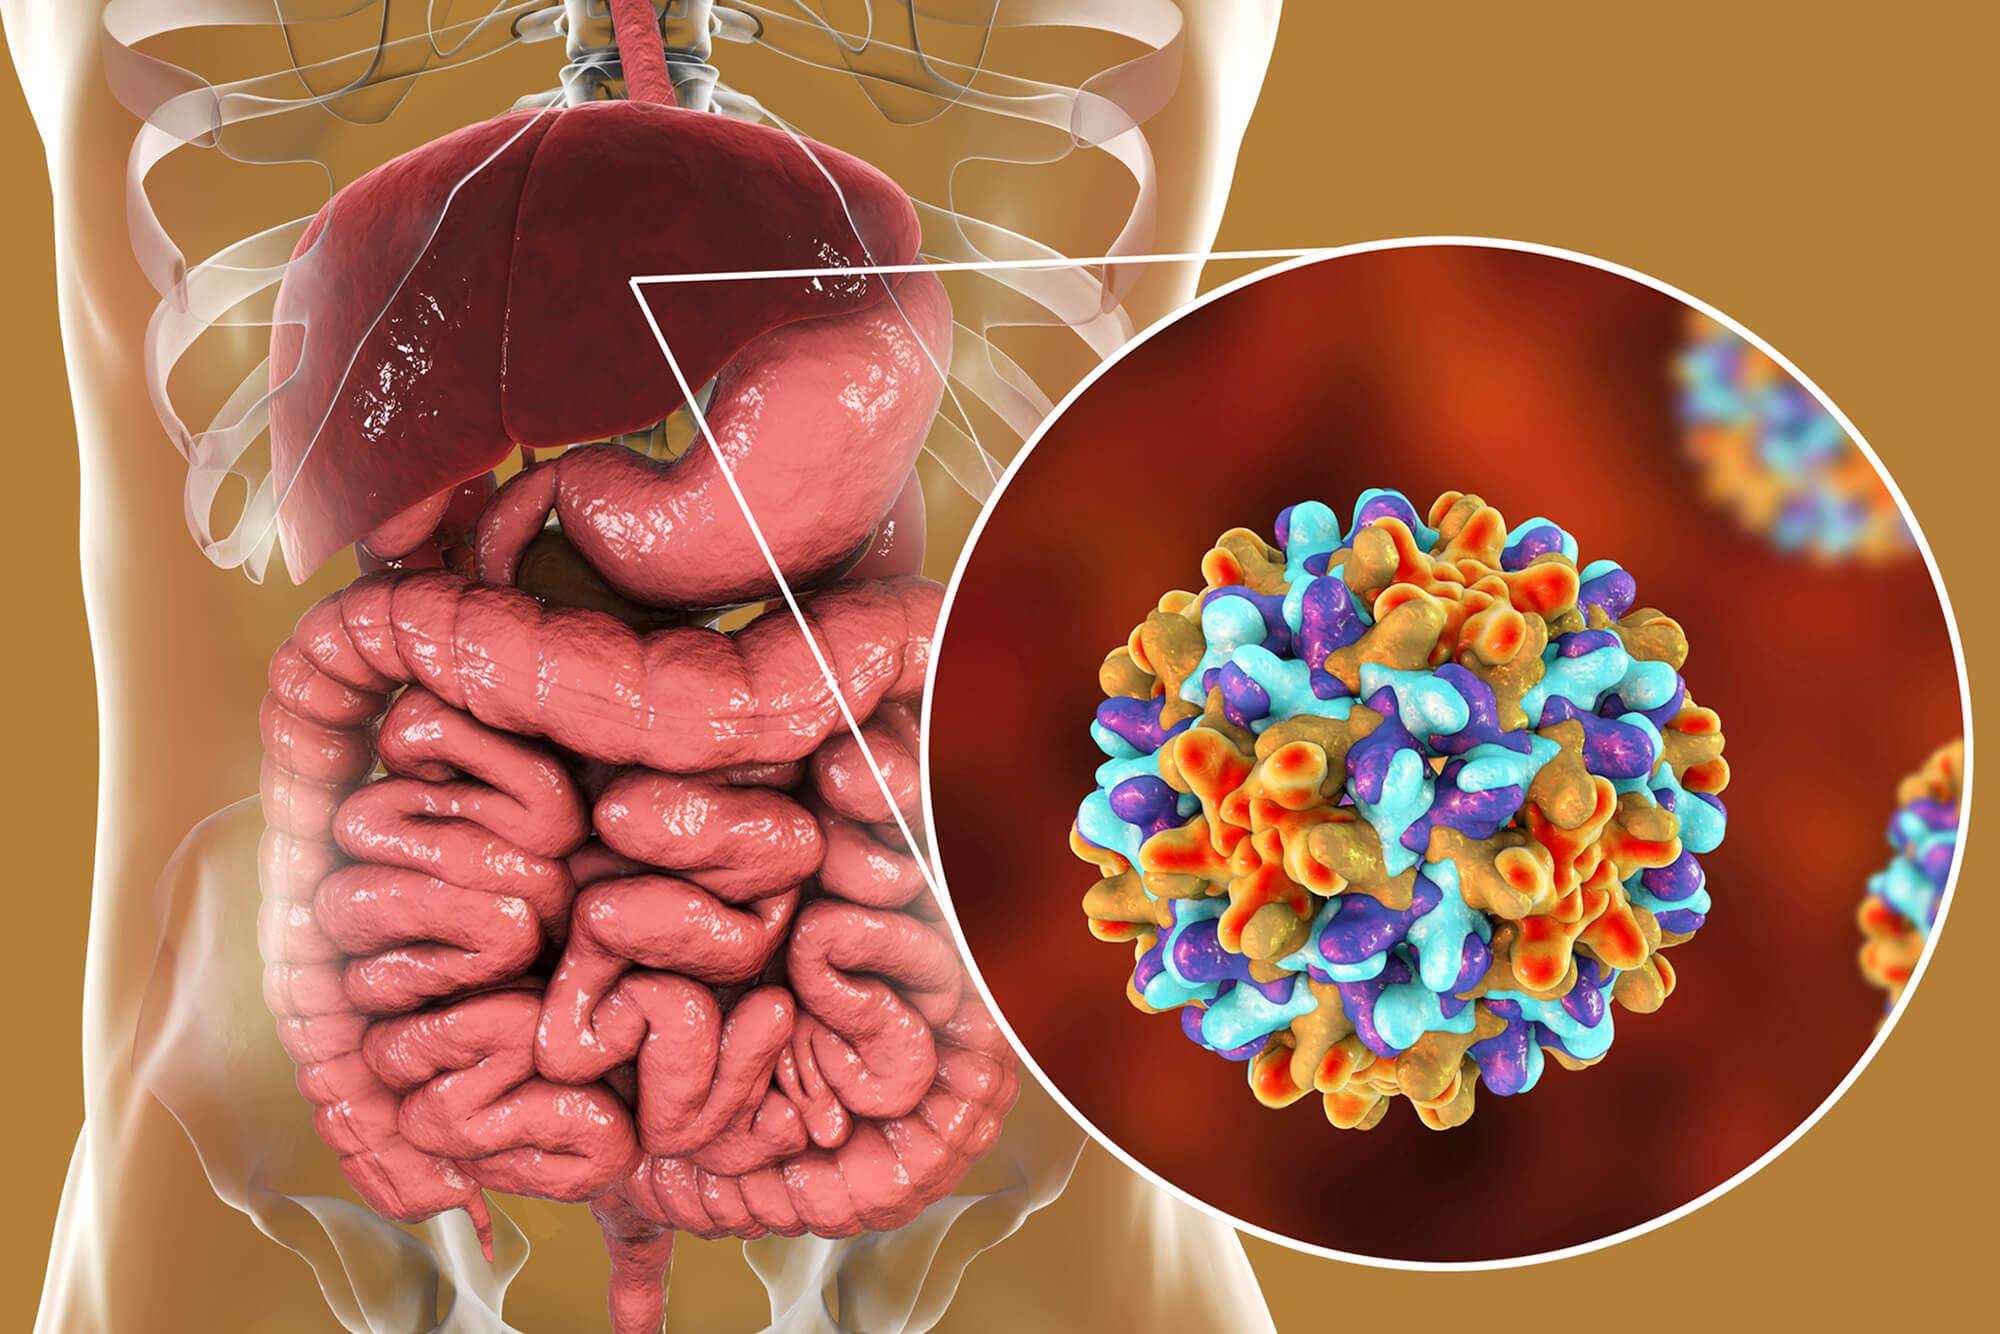 Đẩy lùi ung thư gan bằng những thói quen vô cùng đơn giản - 1